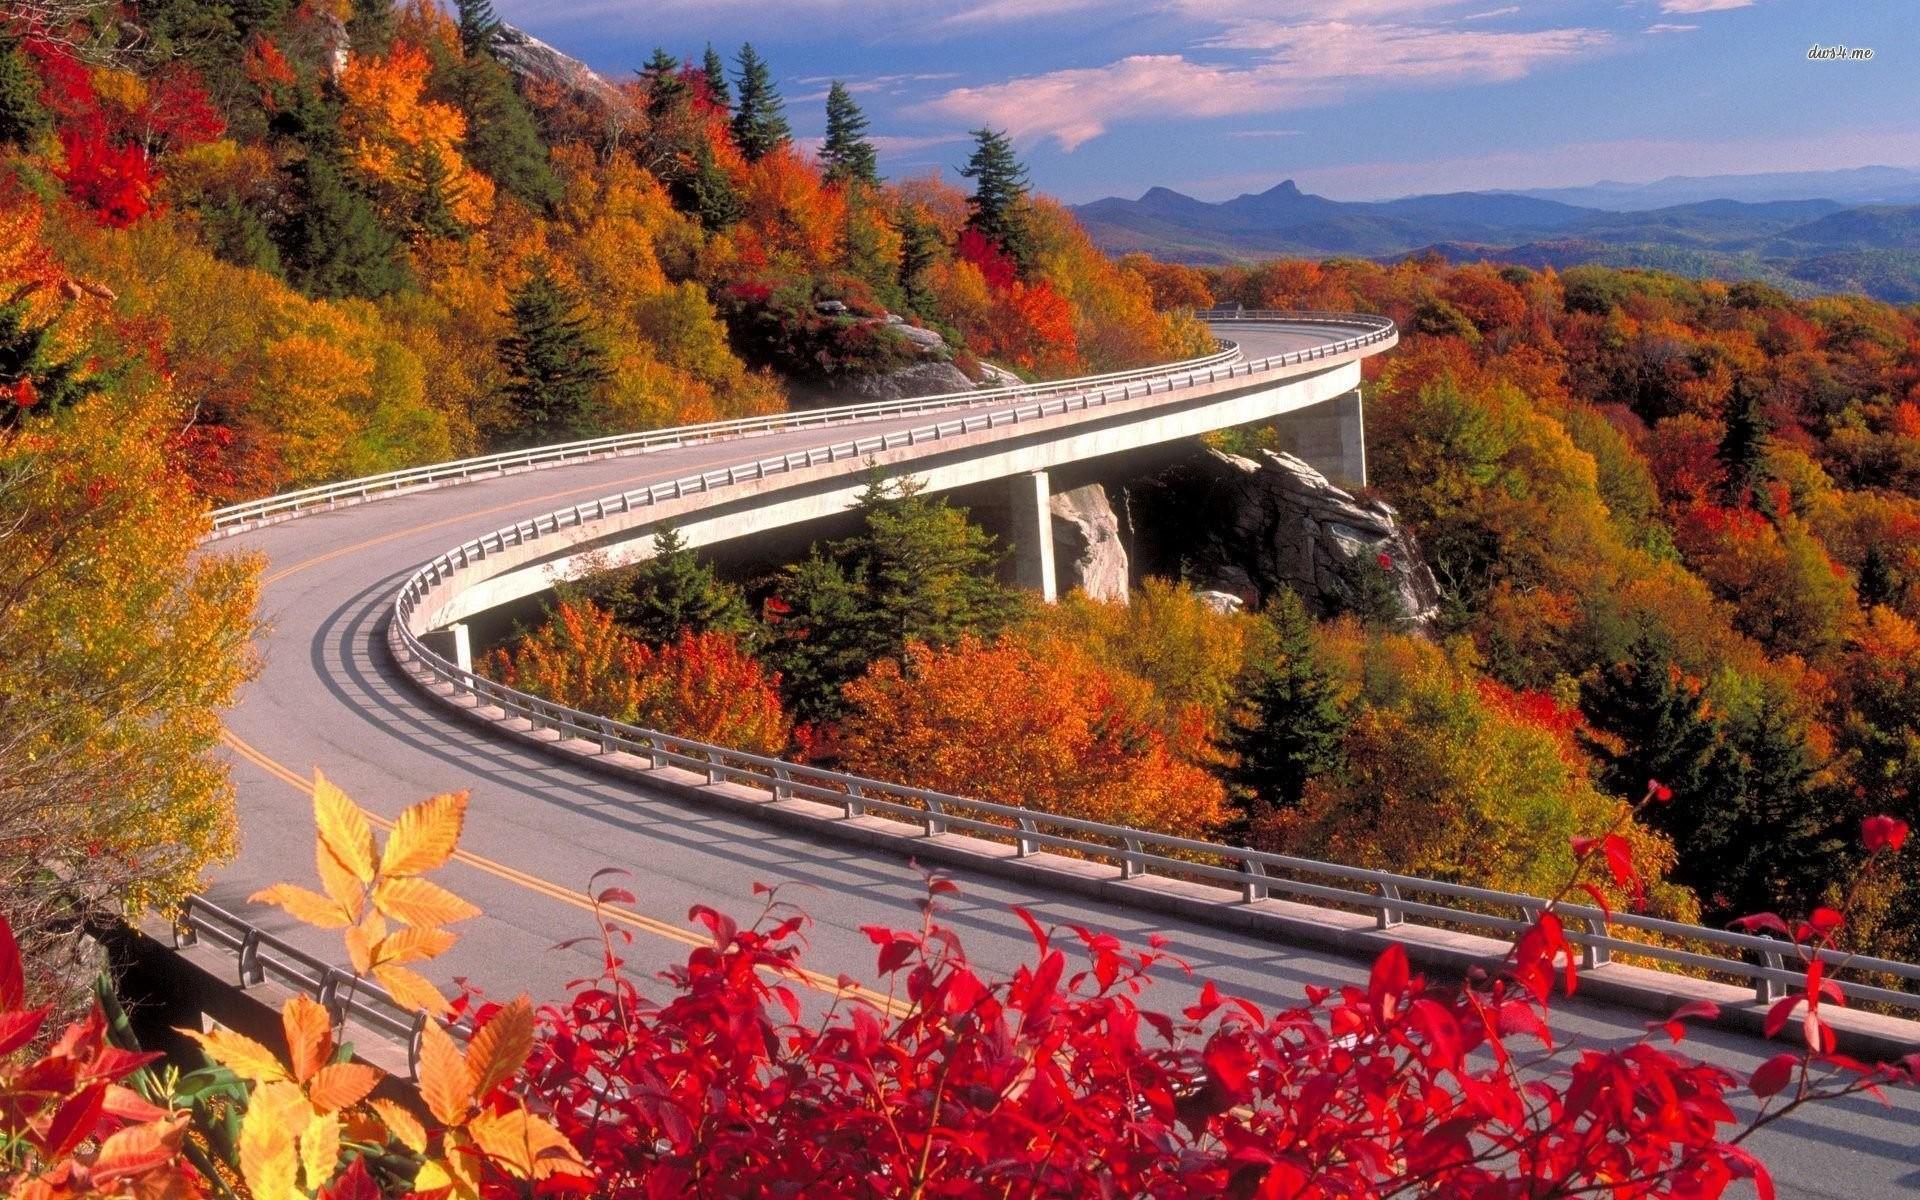 Fall Foliage Wallpaper Widescreen Blue Ridge Mountains Desktop Wallpaper 45 Images